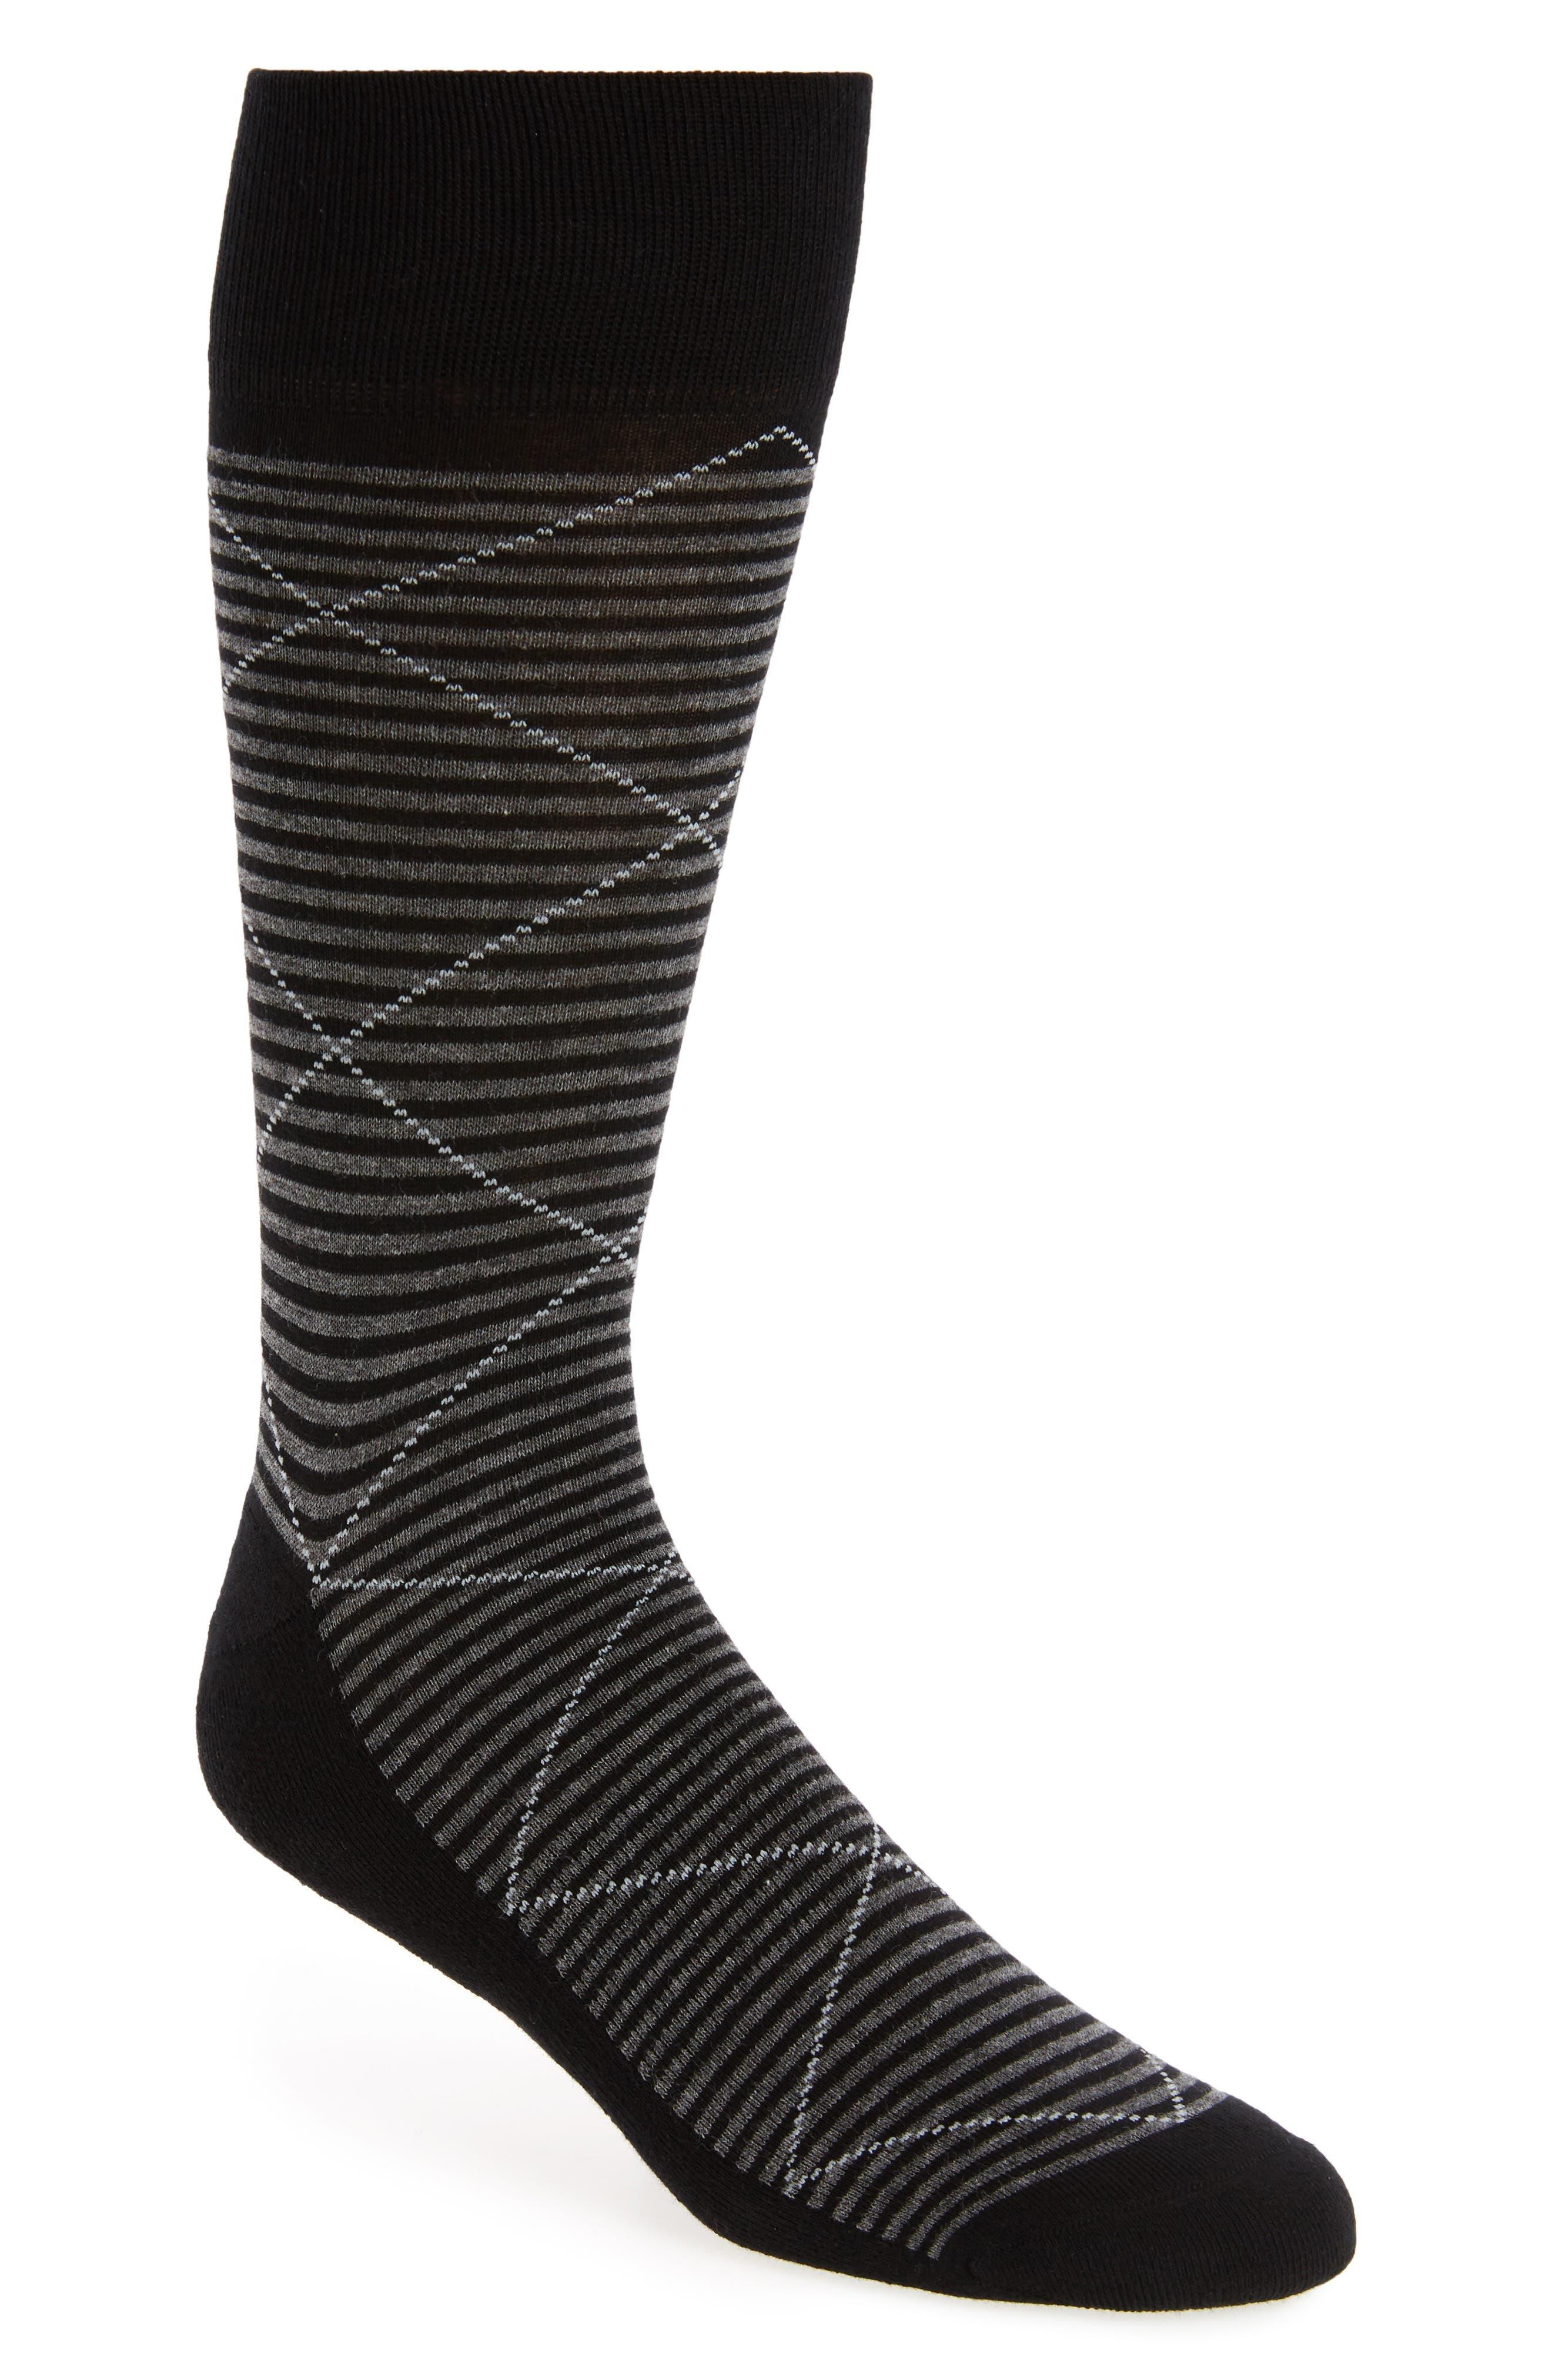 Argyle Socks,                         Main,                         color, 001